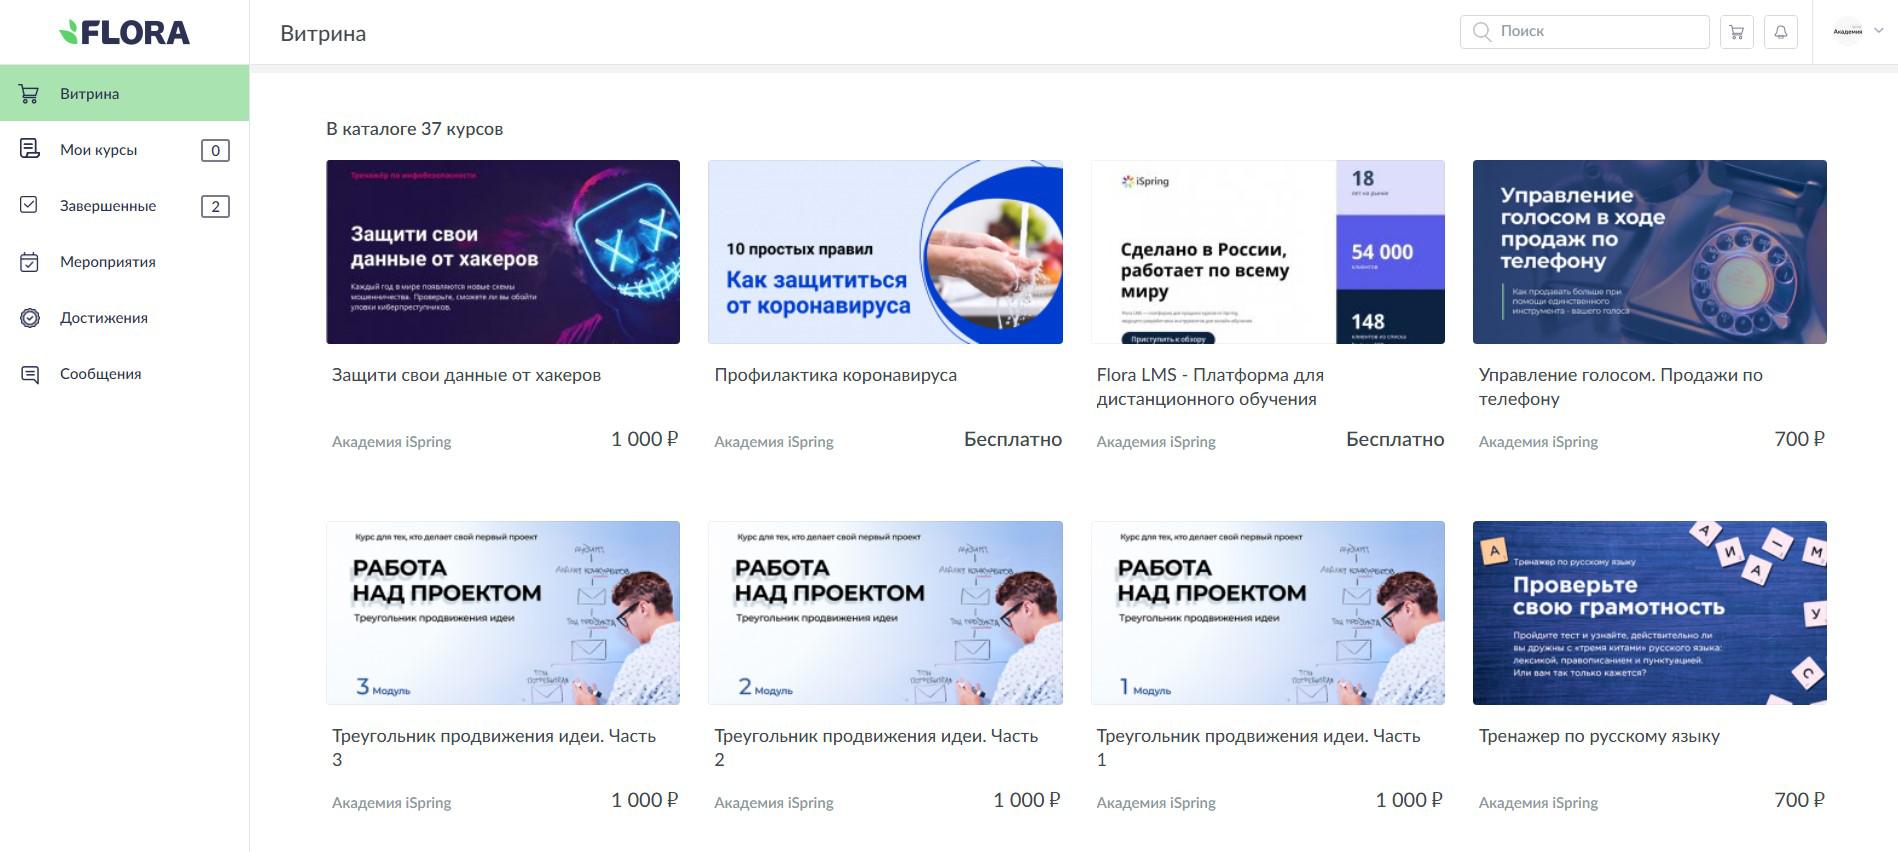 Витрина учебных онлайн-курсов в системе дистанционного обучения Flora LMS